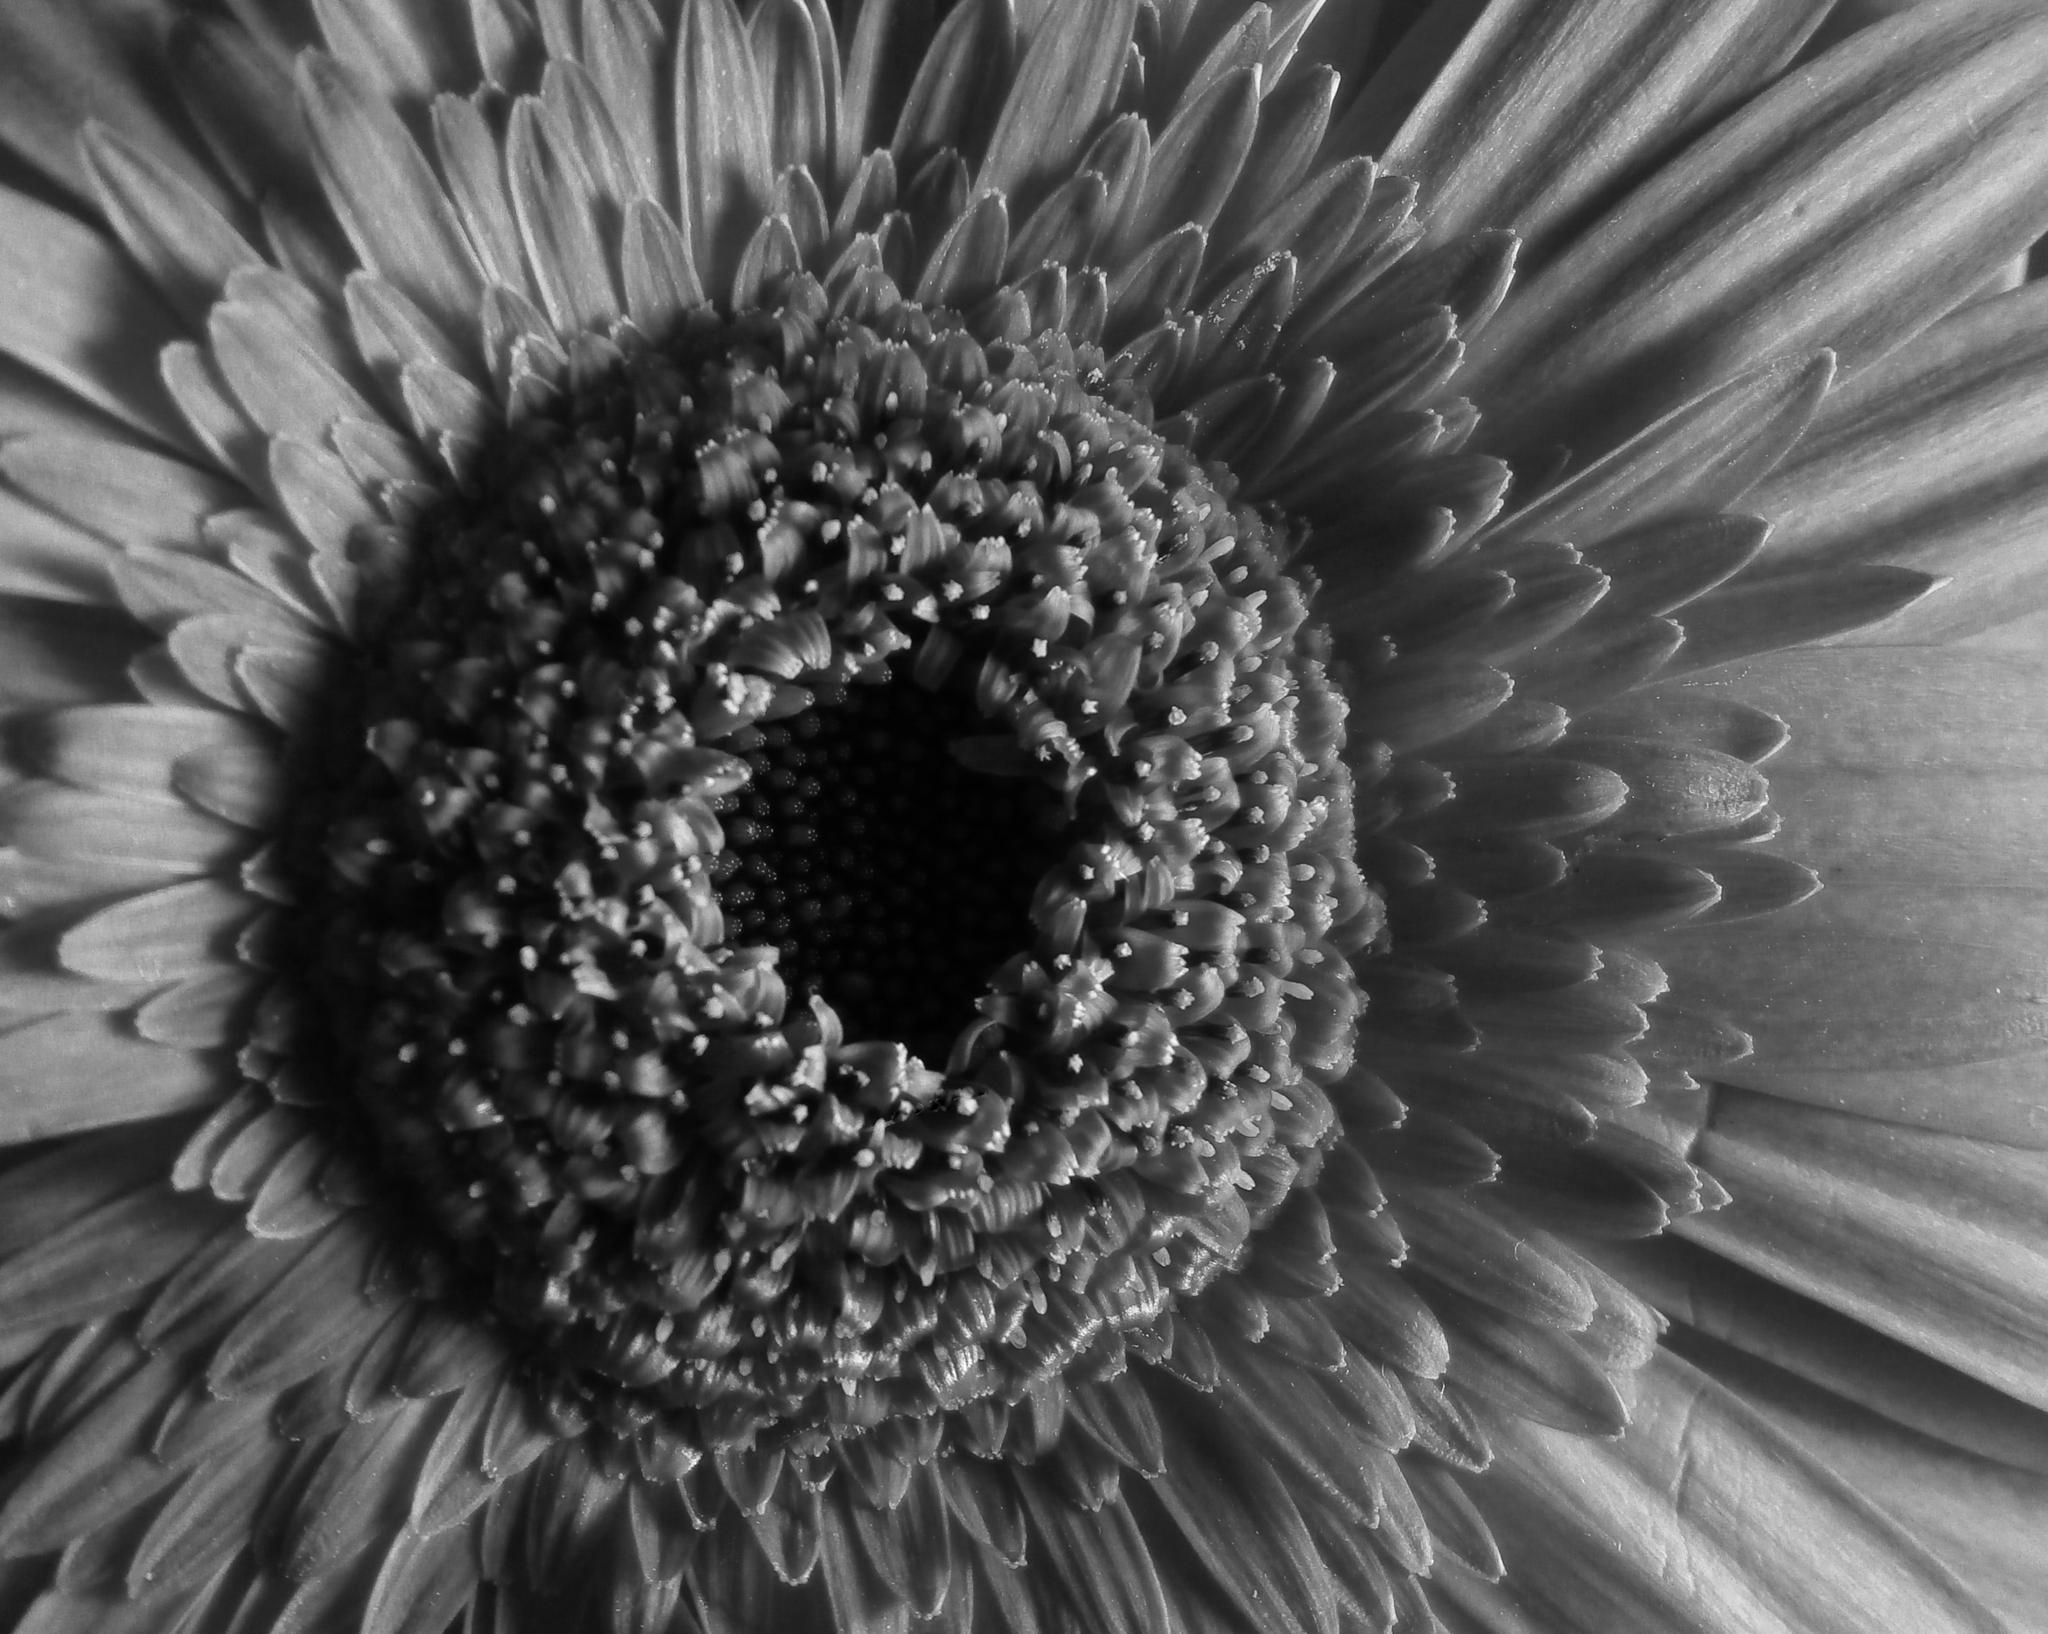 B&W Flower by Reuben Kinny